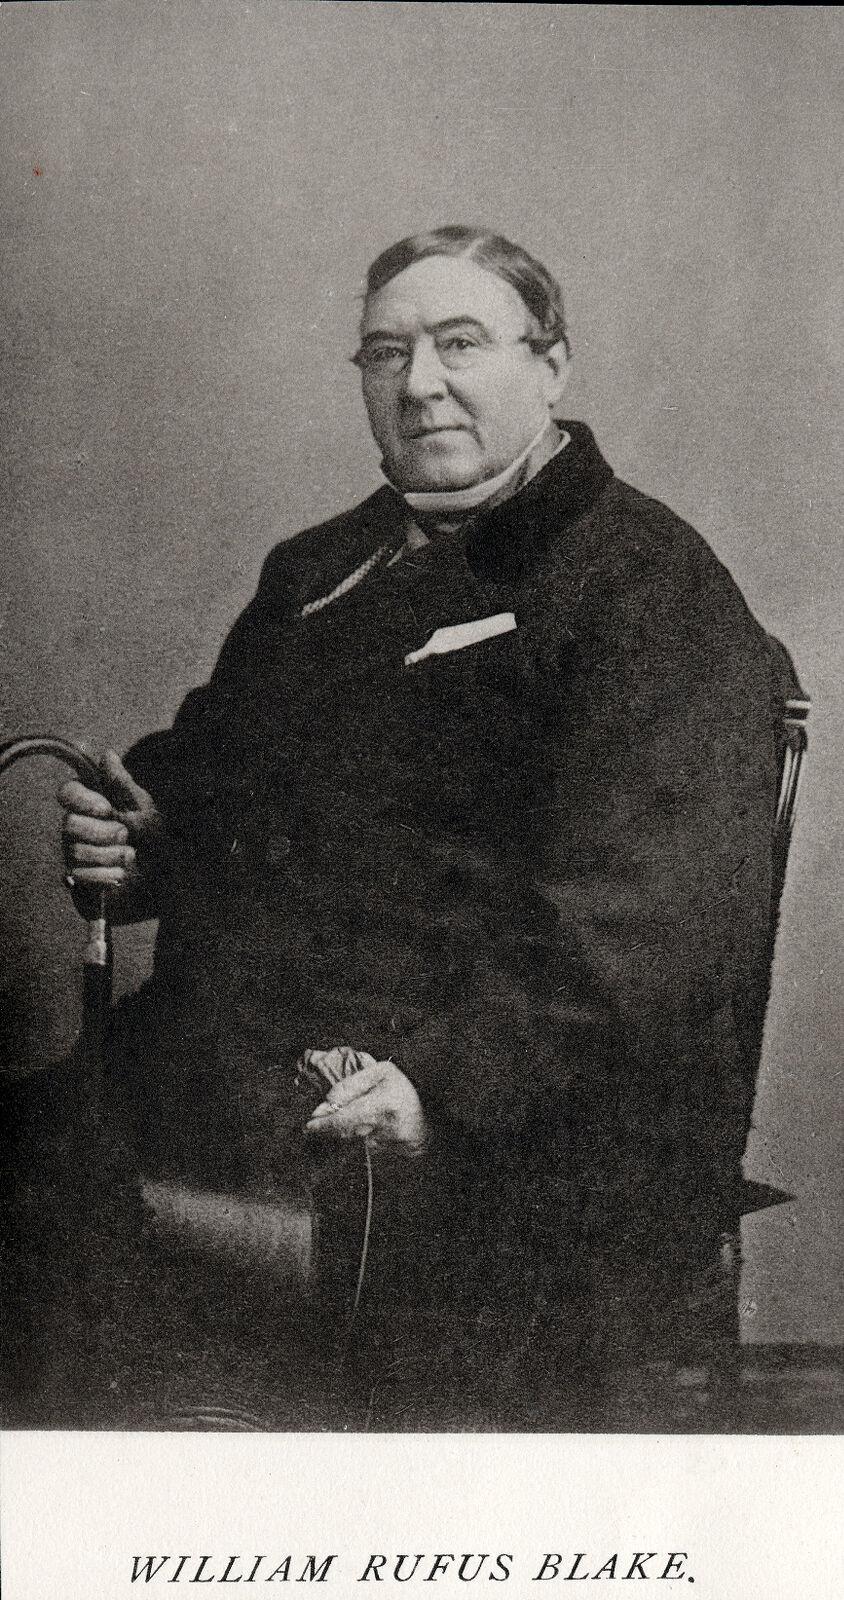 William Rufus Blake